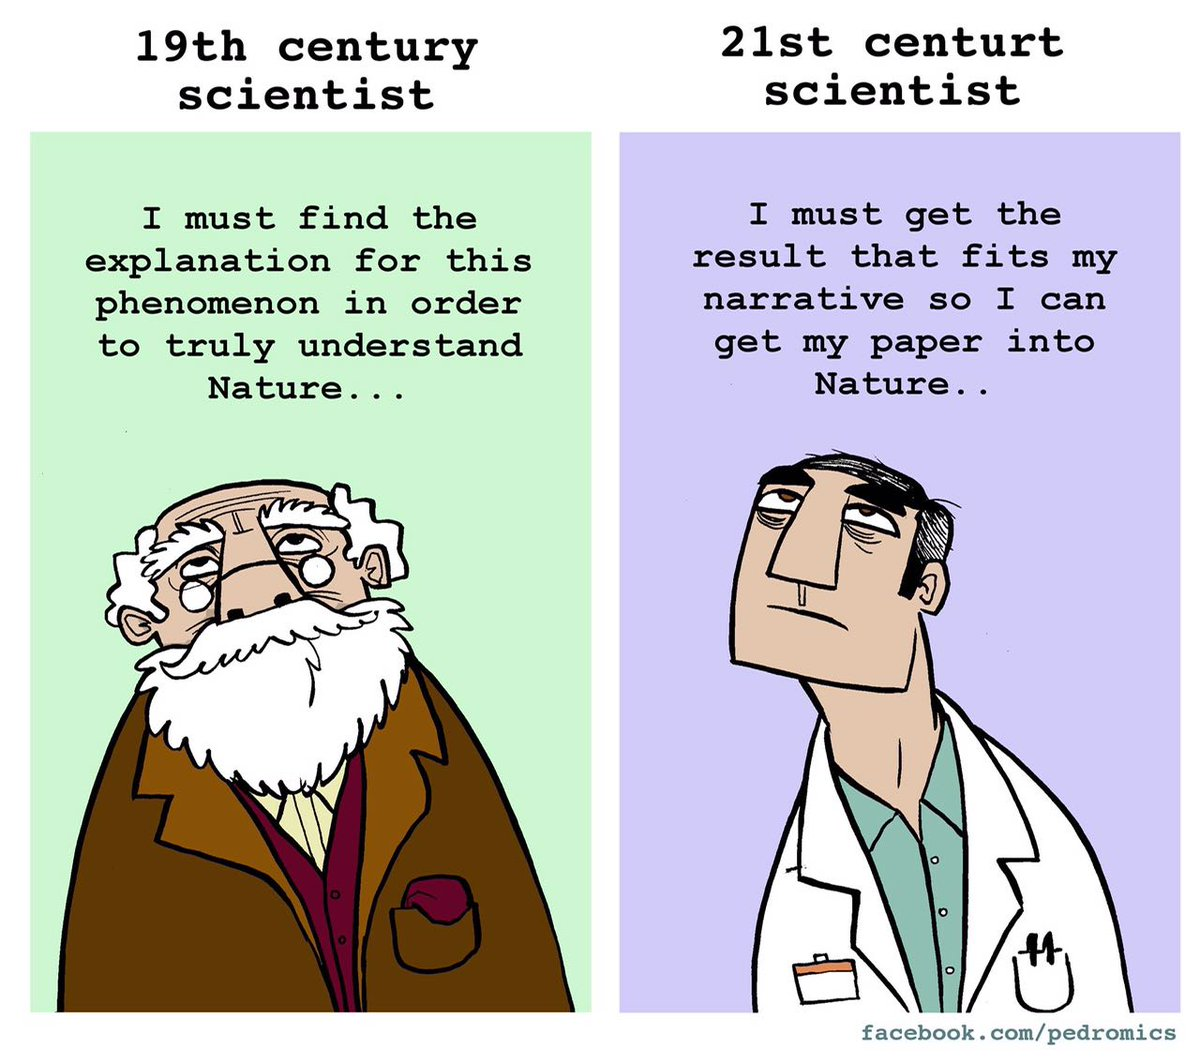 Мошенничество в наукометрии, или борьба за импакт-фактор.